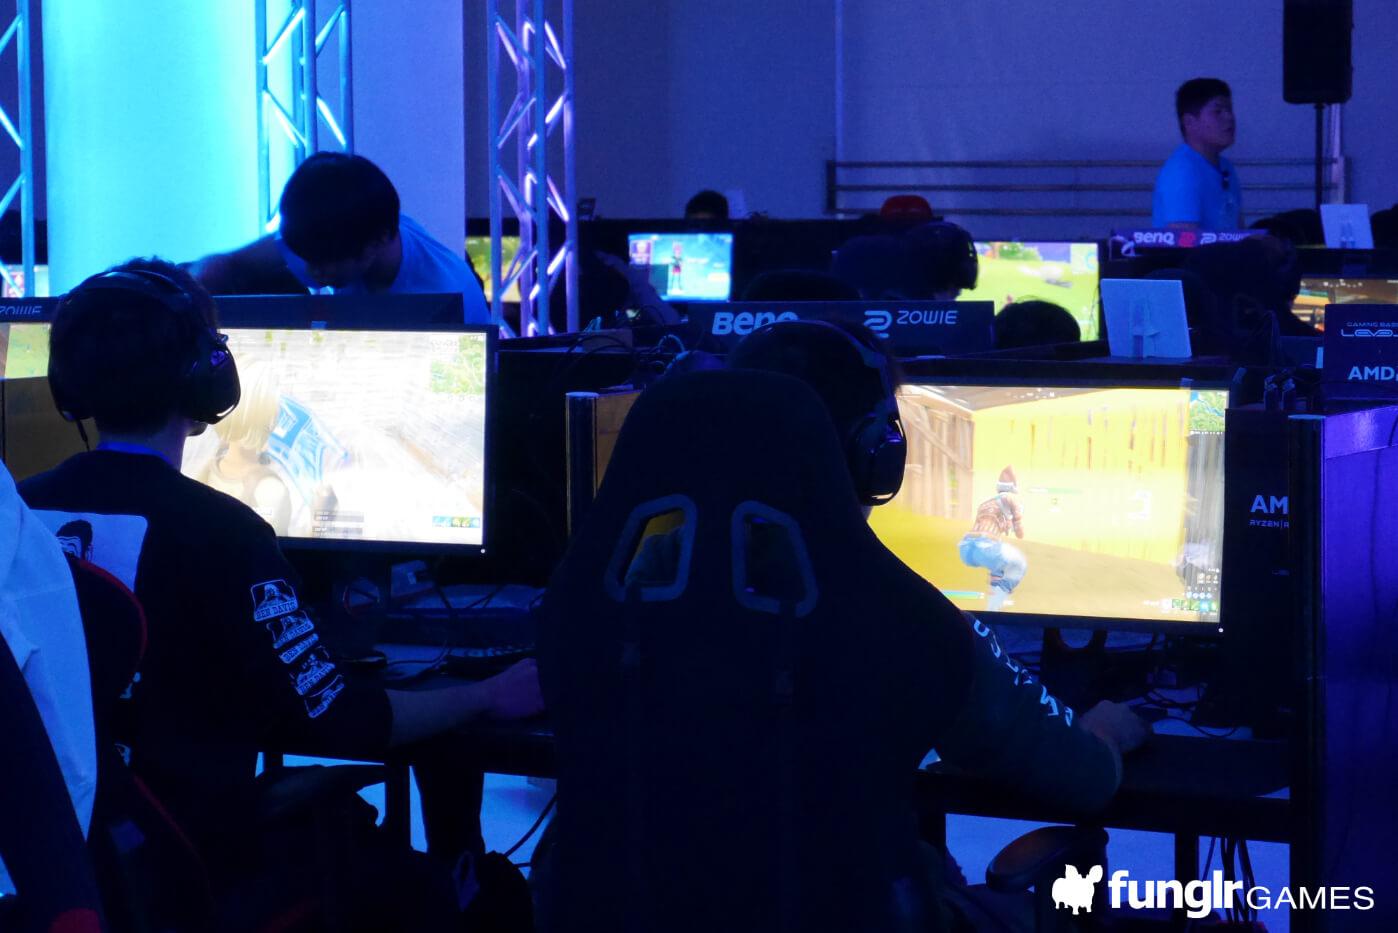 プレイヤーが集中し、緊張感が支配する選手ブース